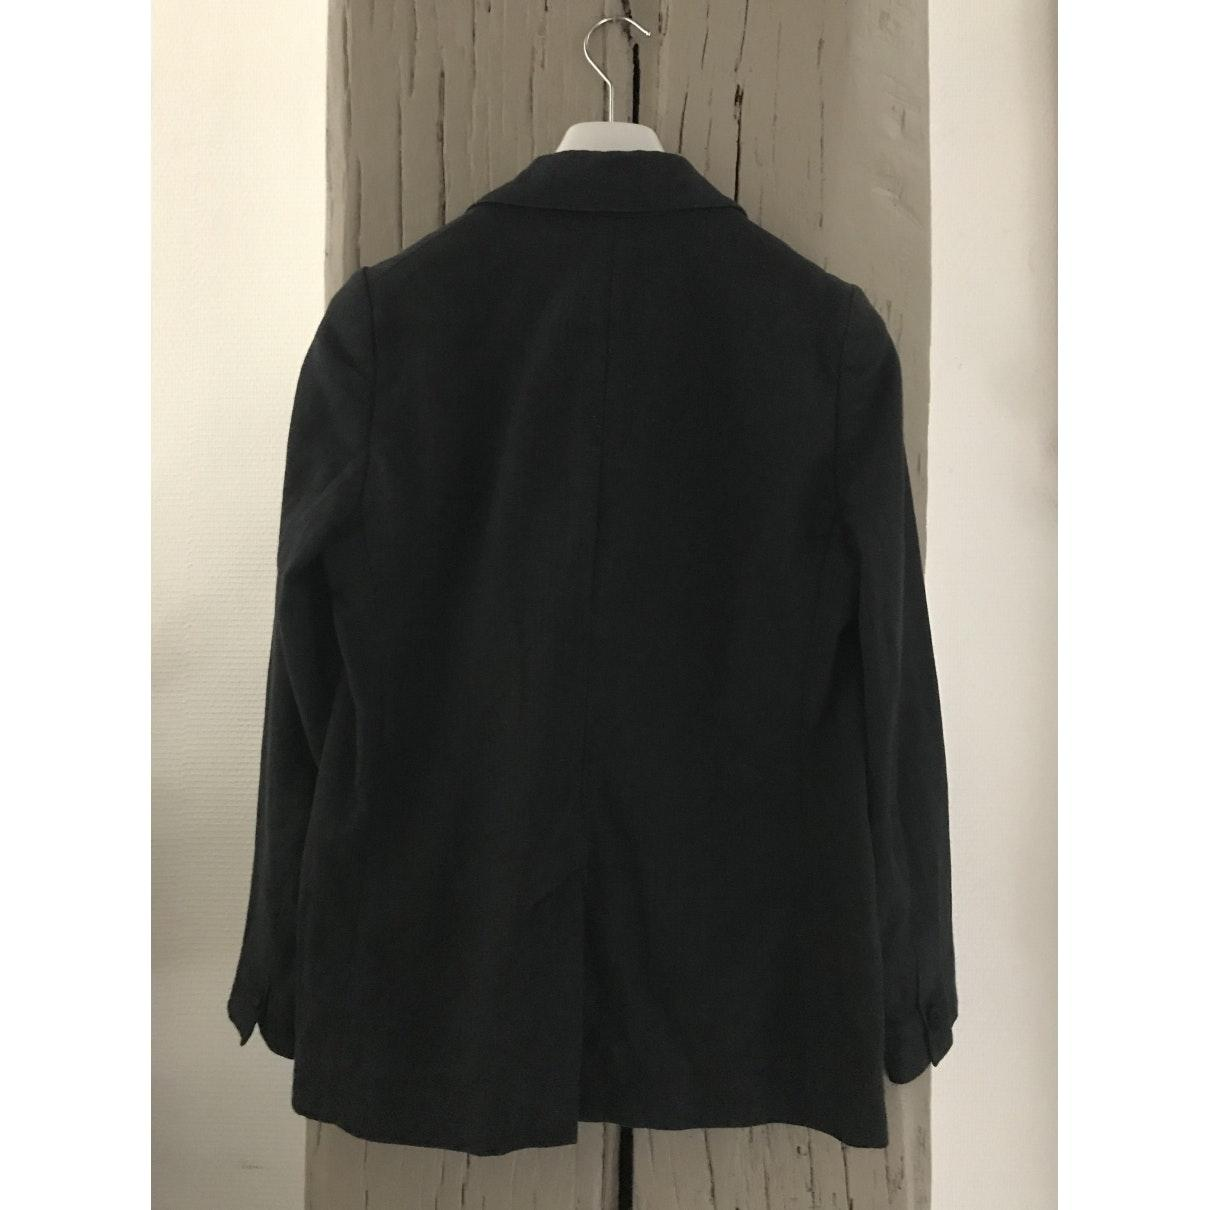 Chaqueta en algodón antracita Étoile Isabel Marant de Algodón de color Negro